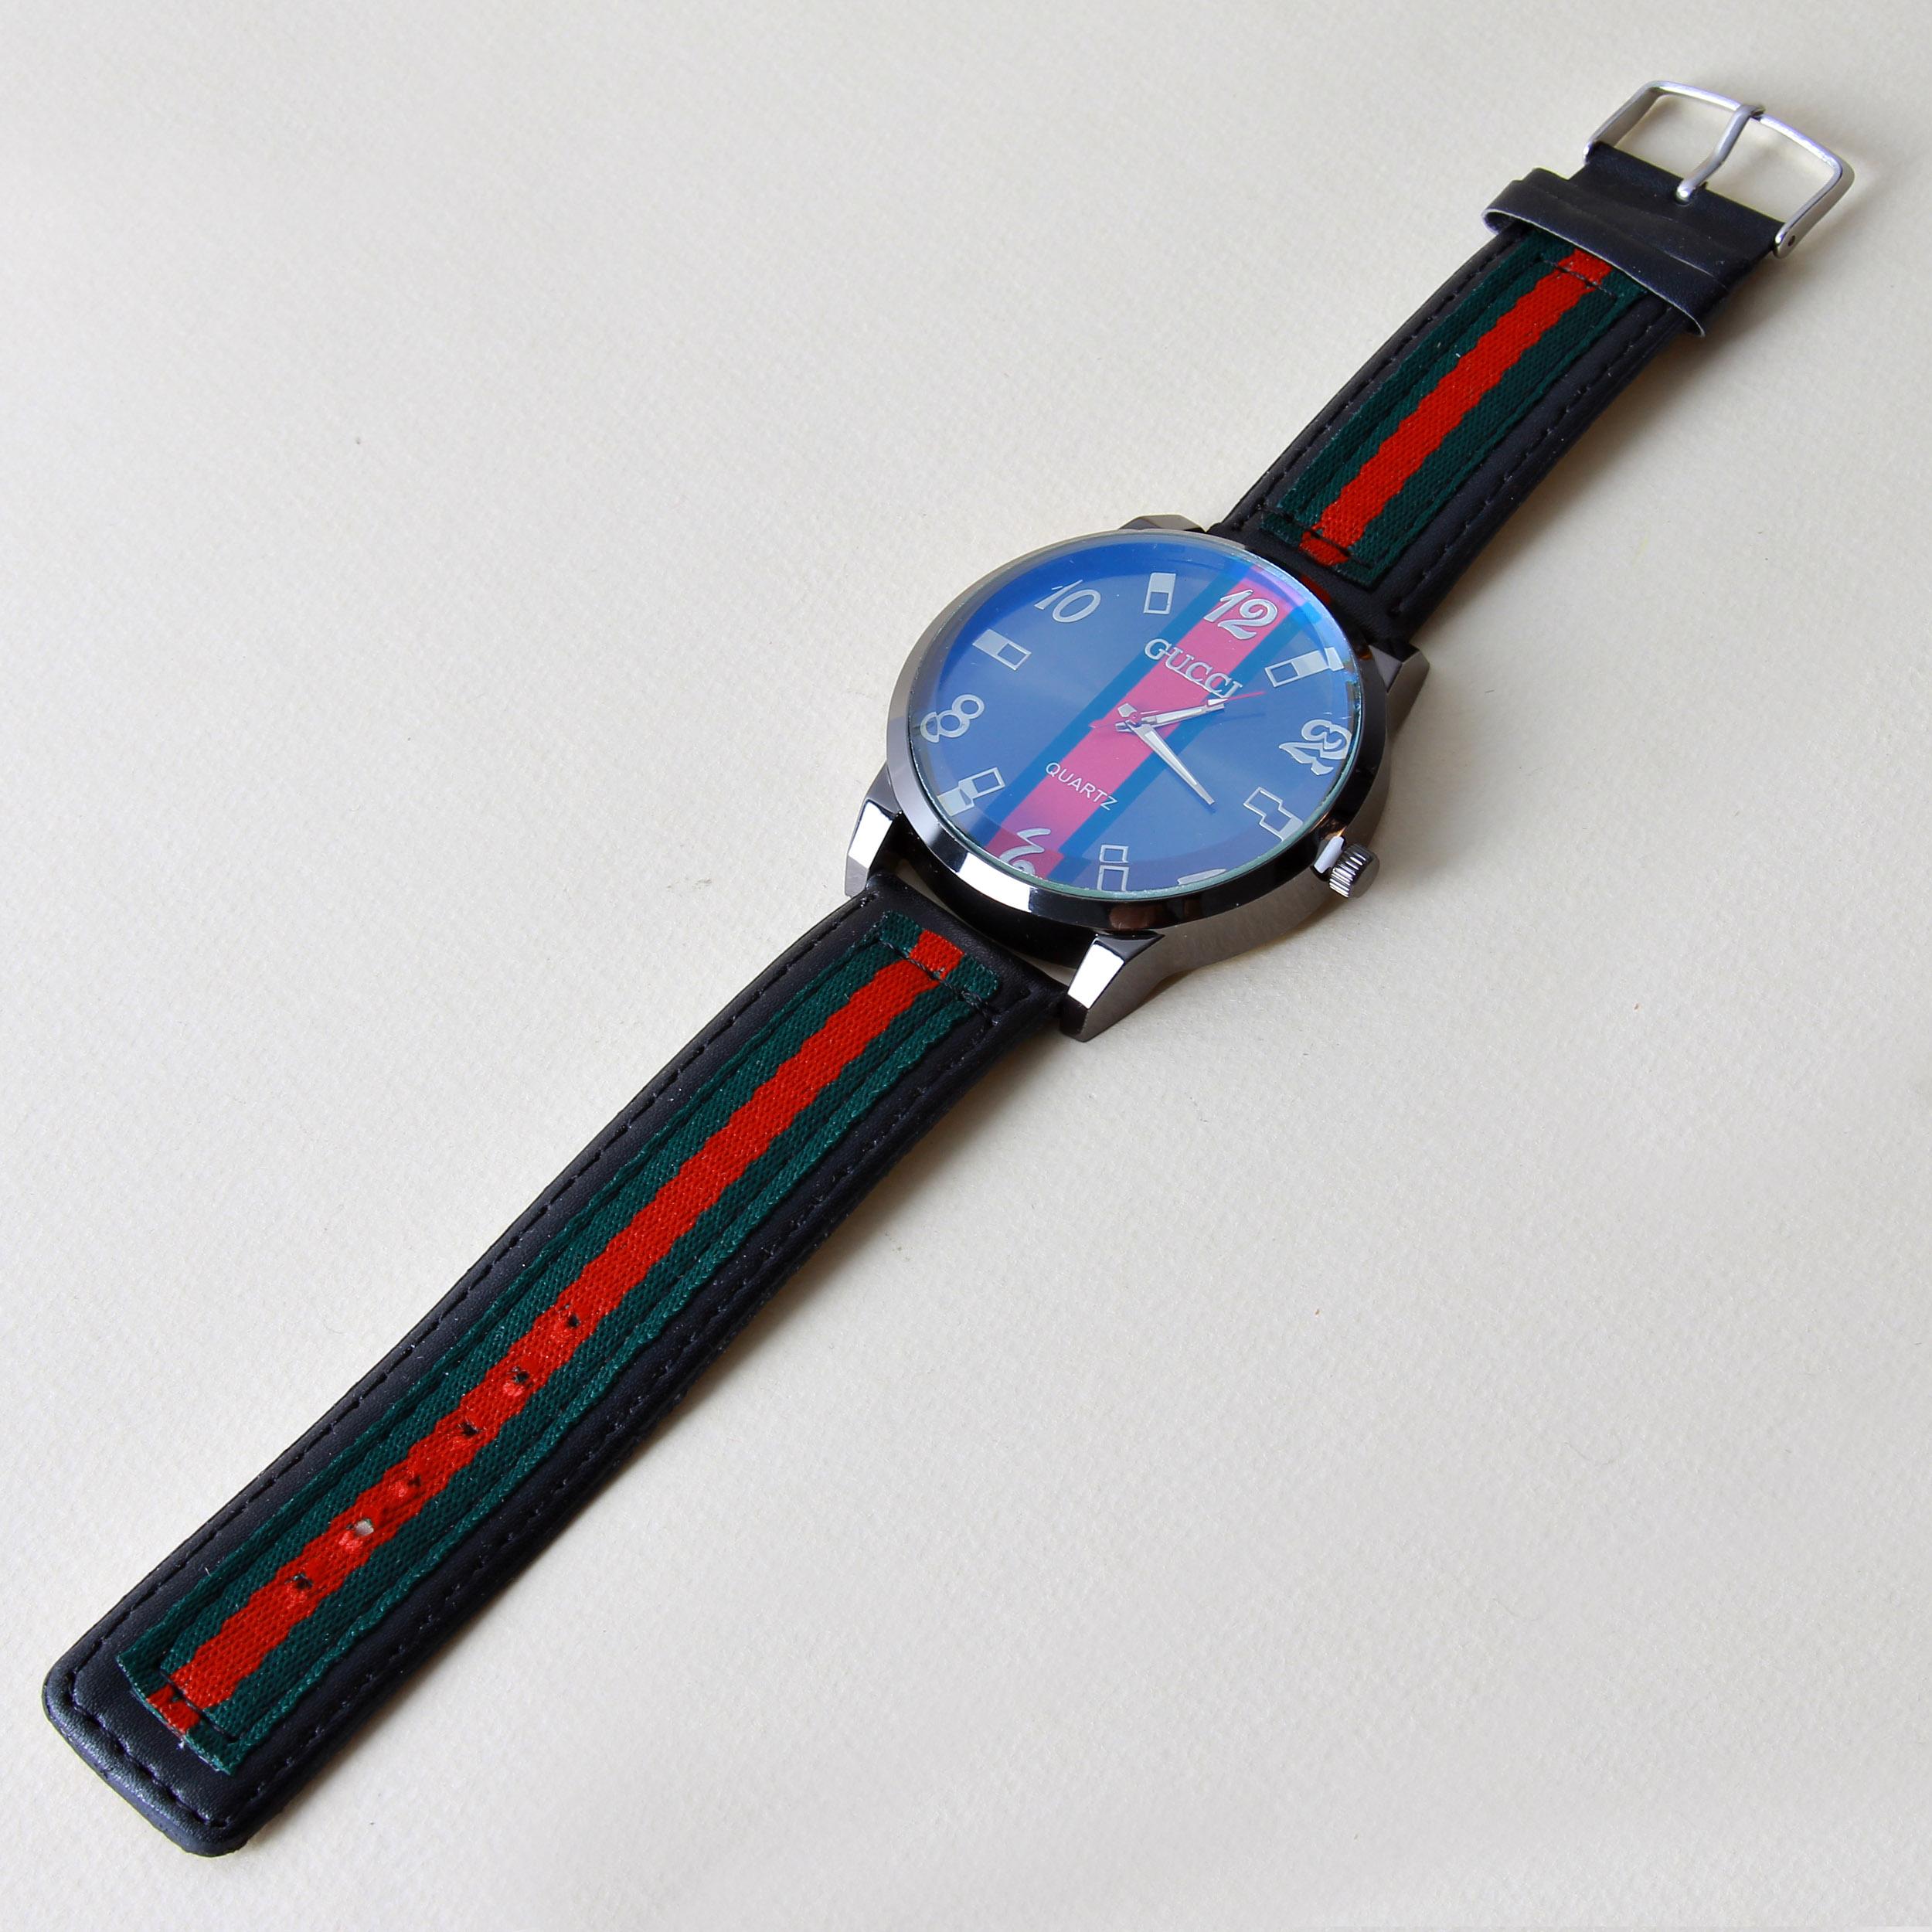 خرید                                        ساعت مچی عقربه ای مردانه کد WHM_175                     غیر اصل